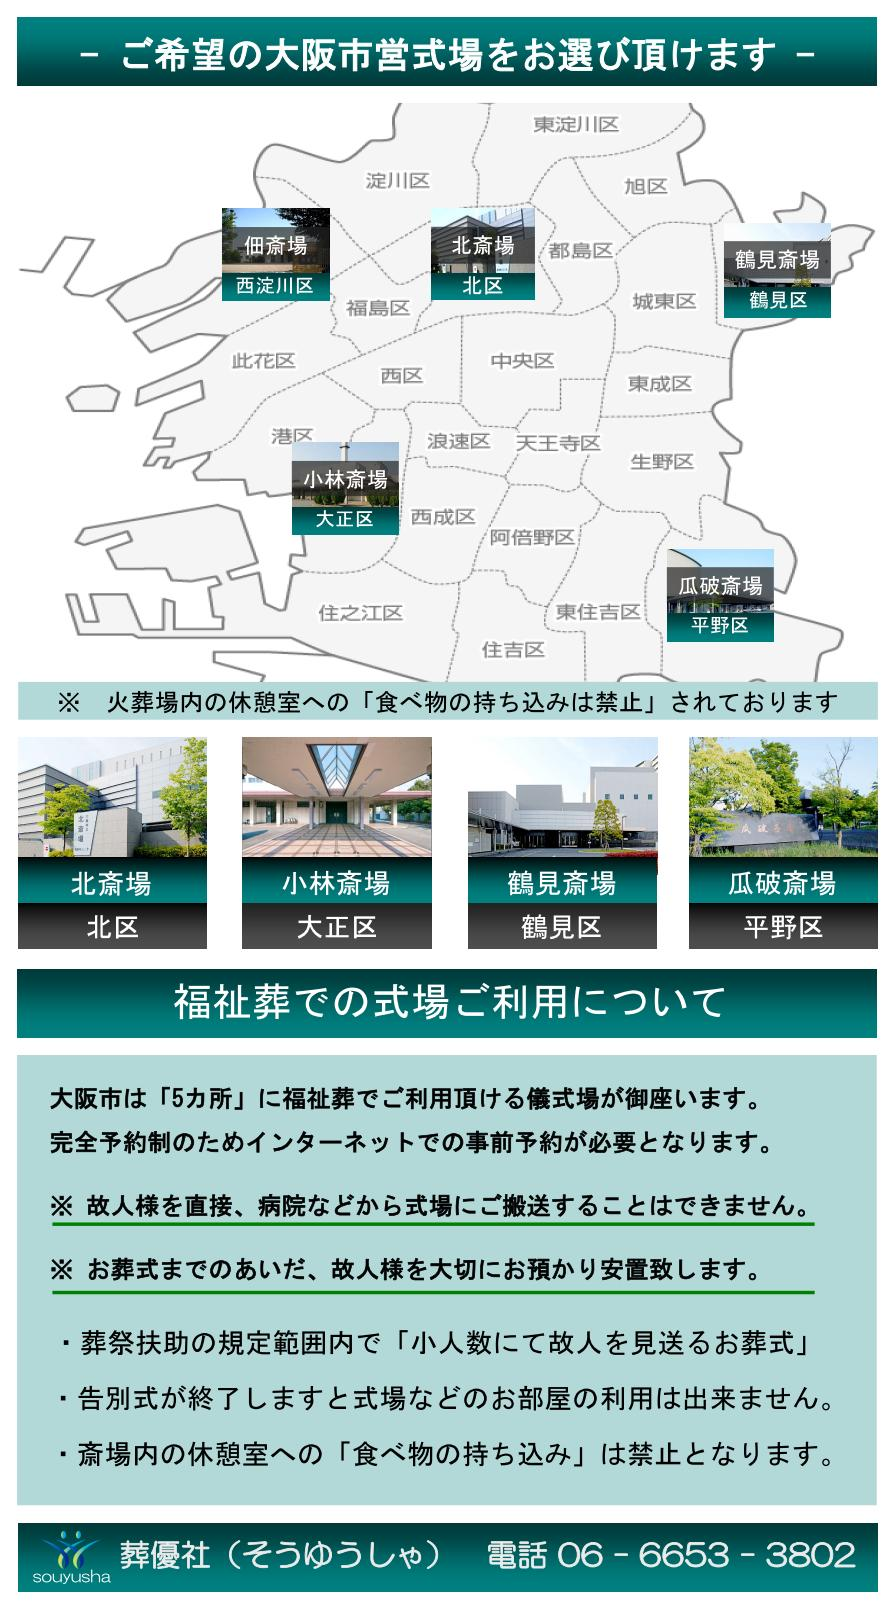 大阪市で生活保護の方が無料で利用できる大阪市営の葬儀式場のご紹介